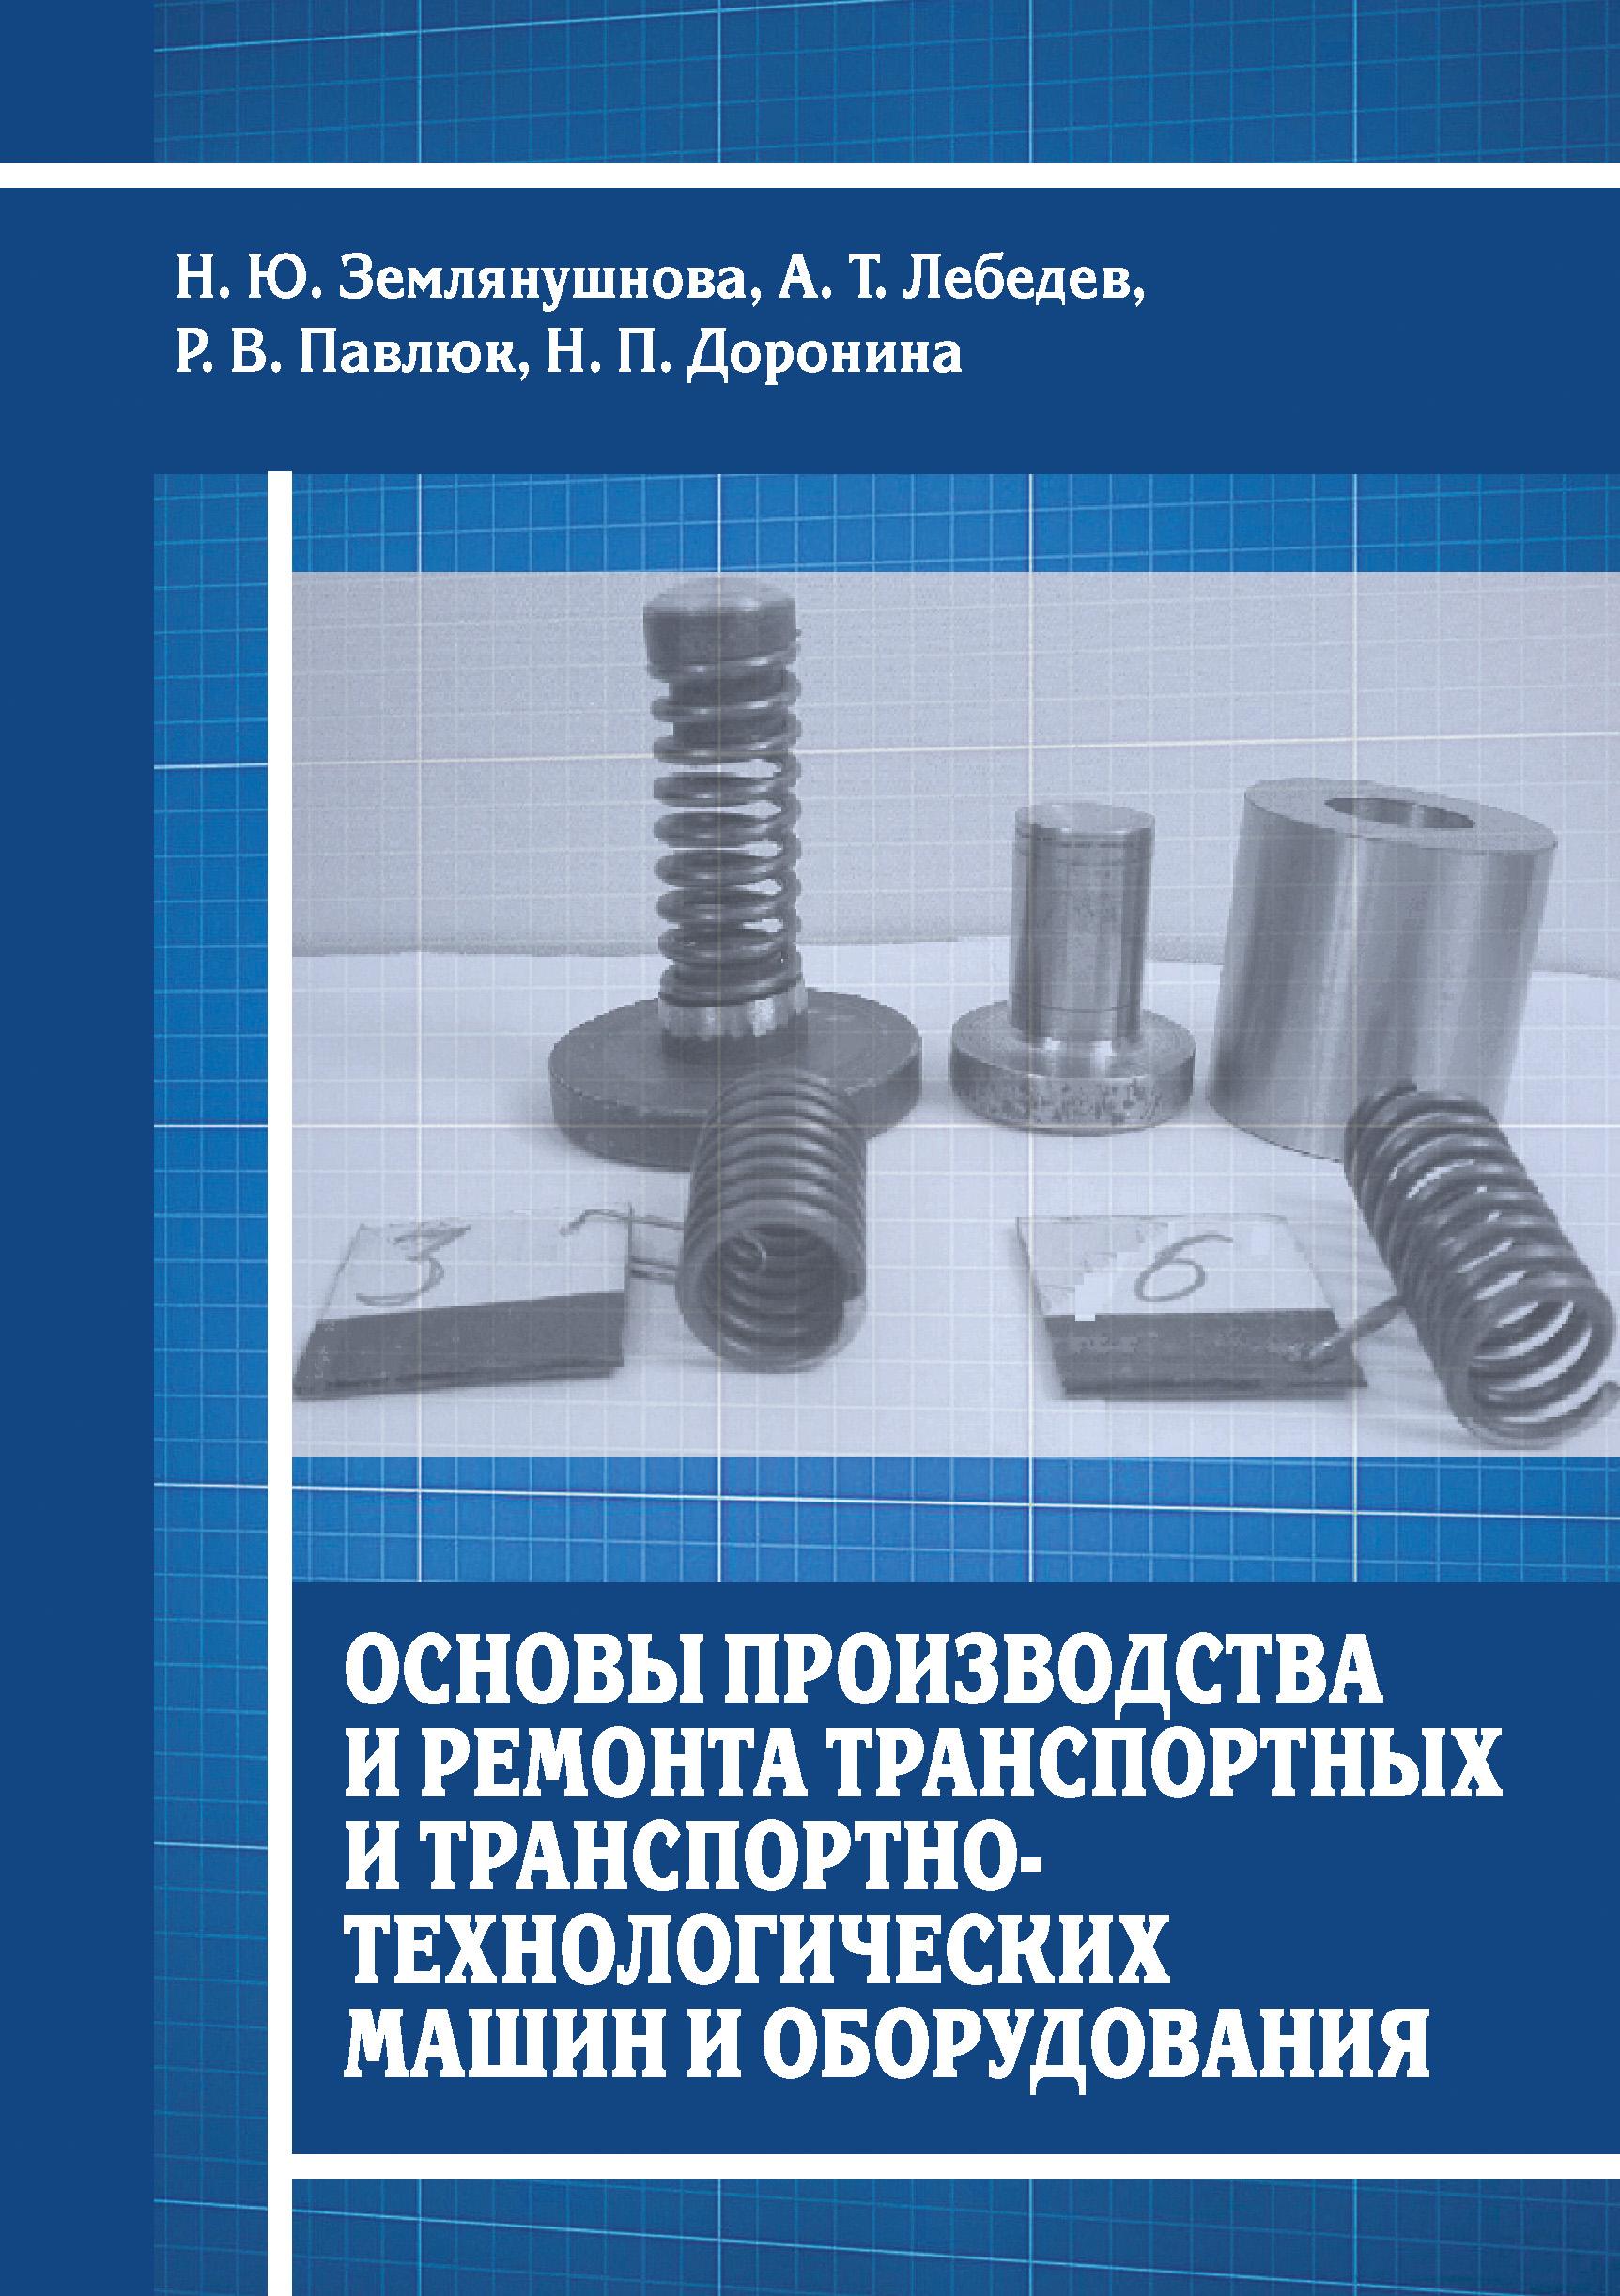 Н. П. Доронина Основы производства и ремонта транспортных и транспортно-технологических машин и оборудования